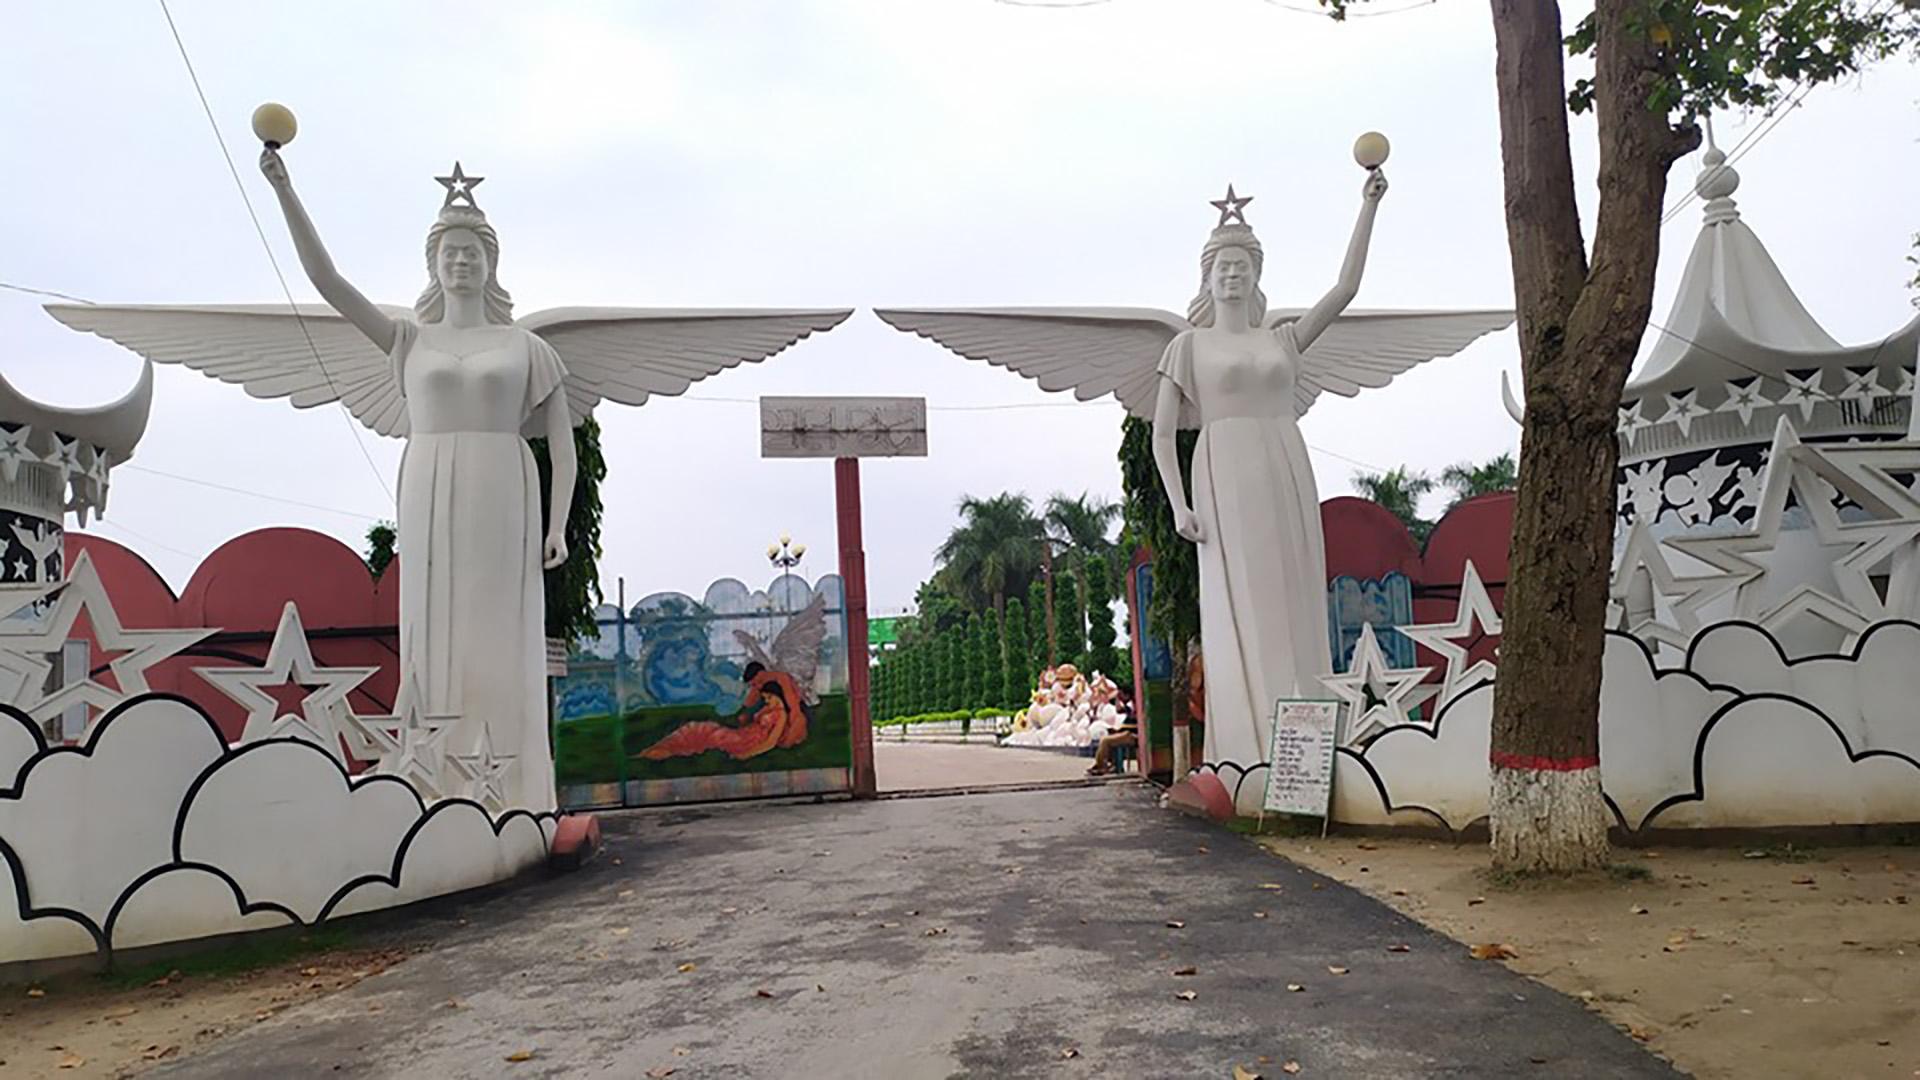 স্বপ্নপুরী বিনোদন পার্ক দিনাজপুর